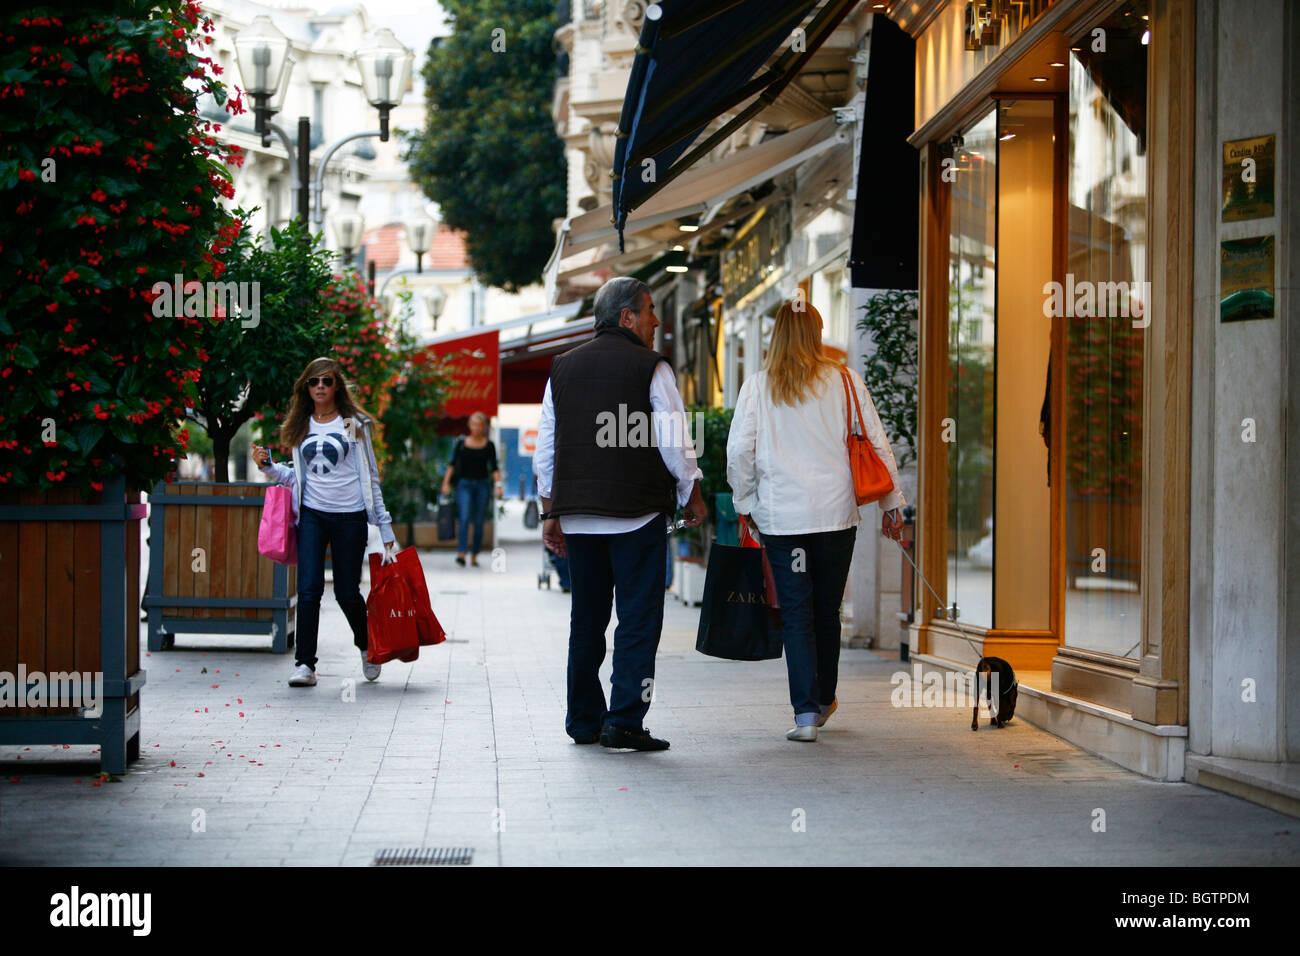 Boulevard des Moulins, la strada principale dello shopping a Monte Carlo, Monaco. Immagini Stock